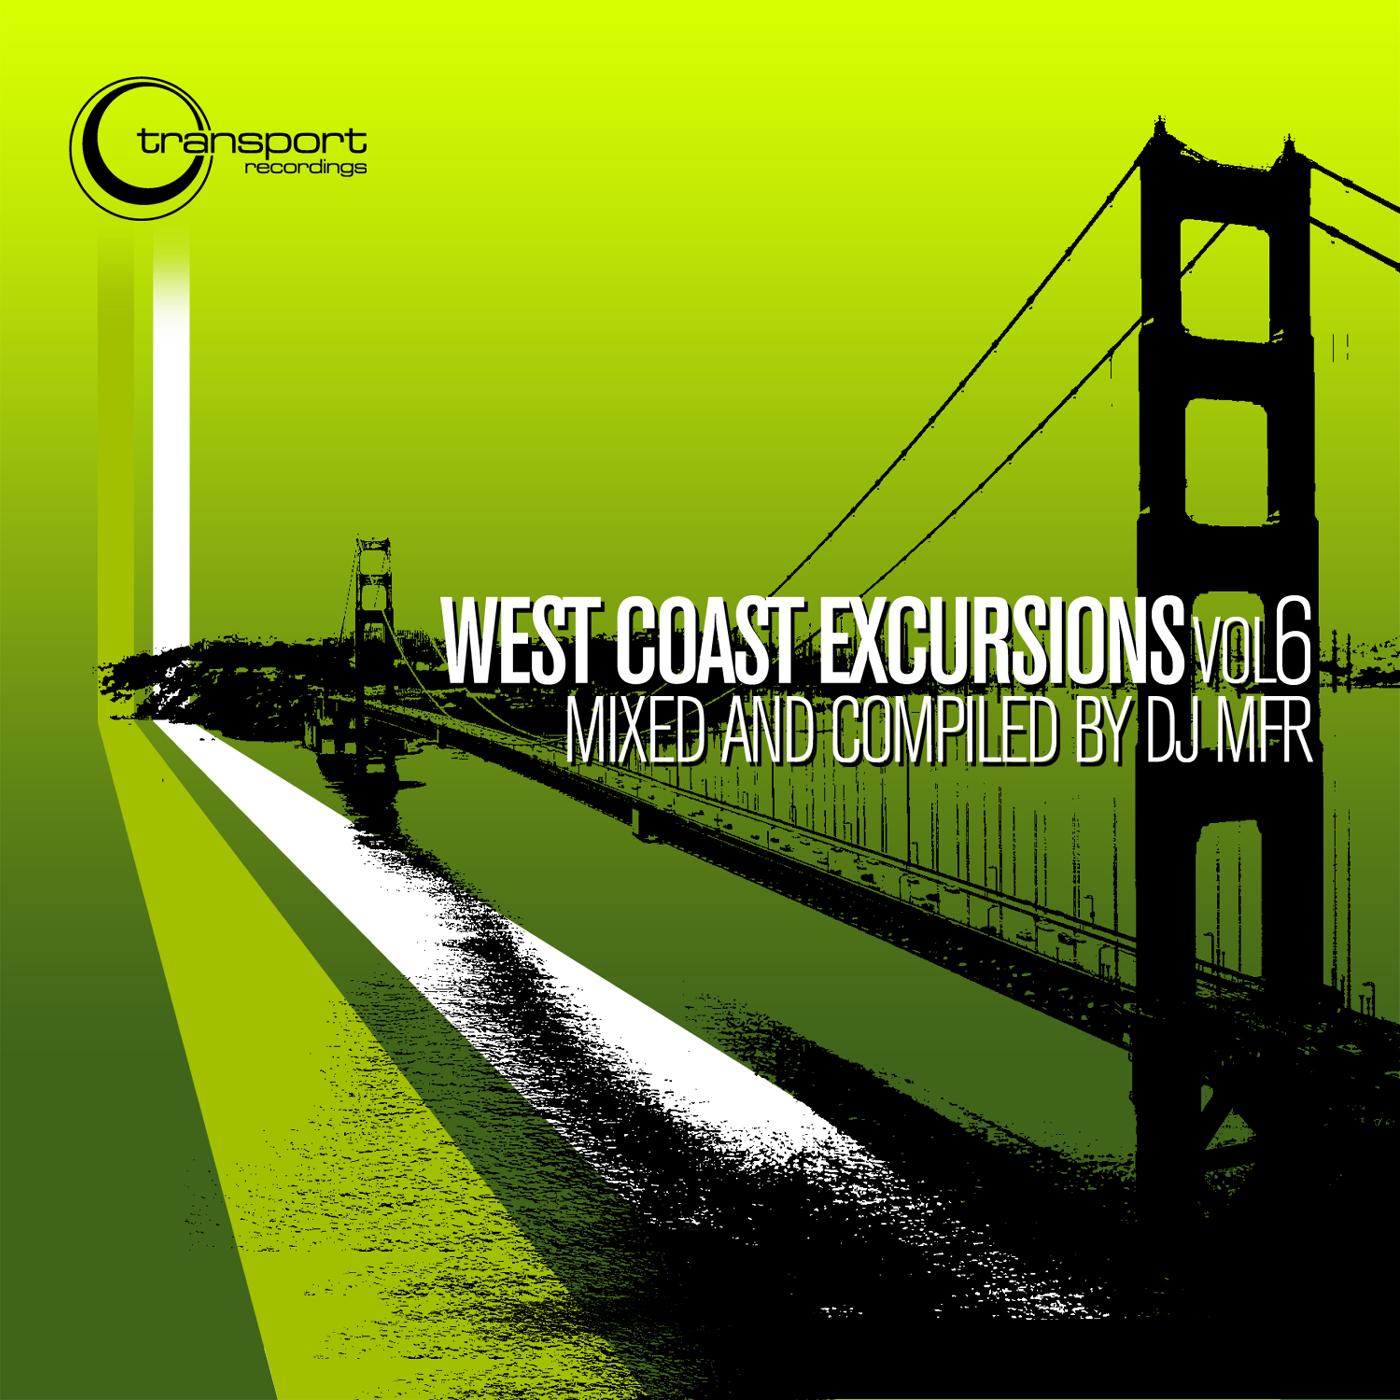 West Coast Excursion 6